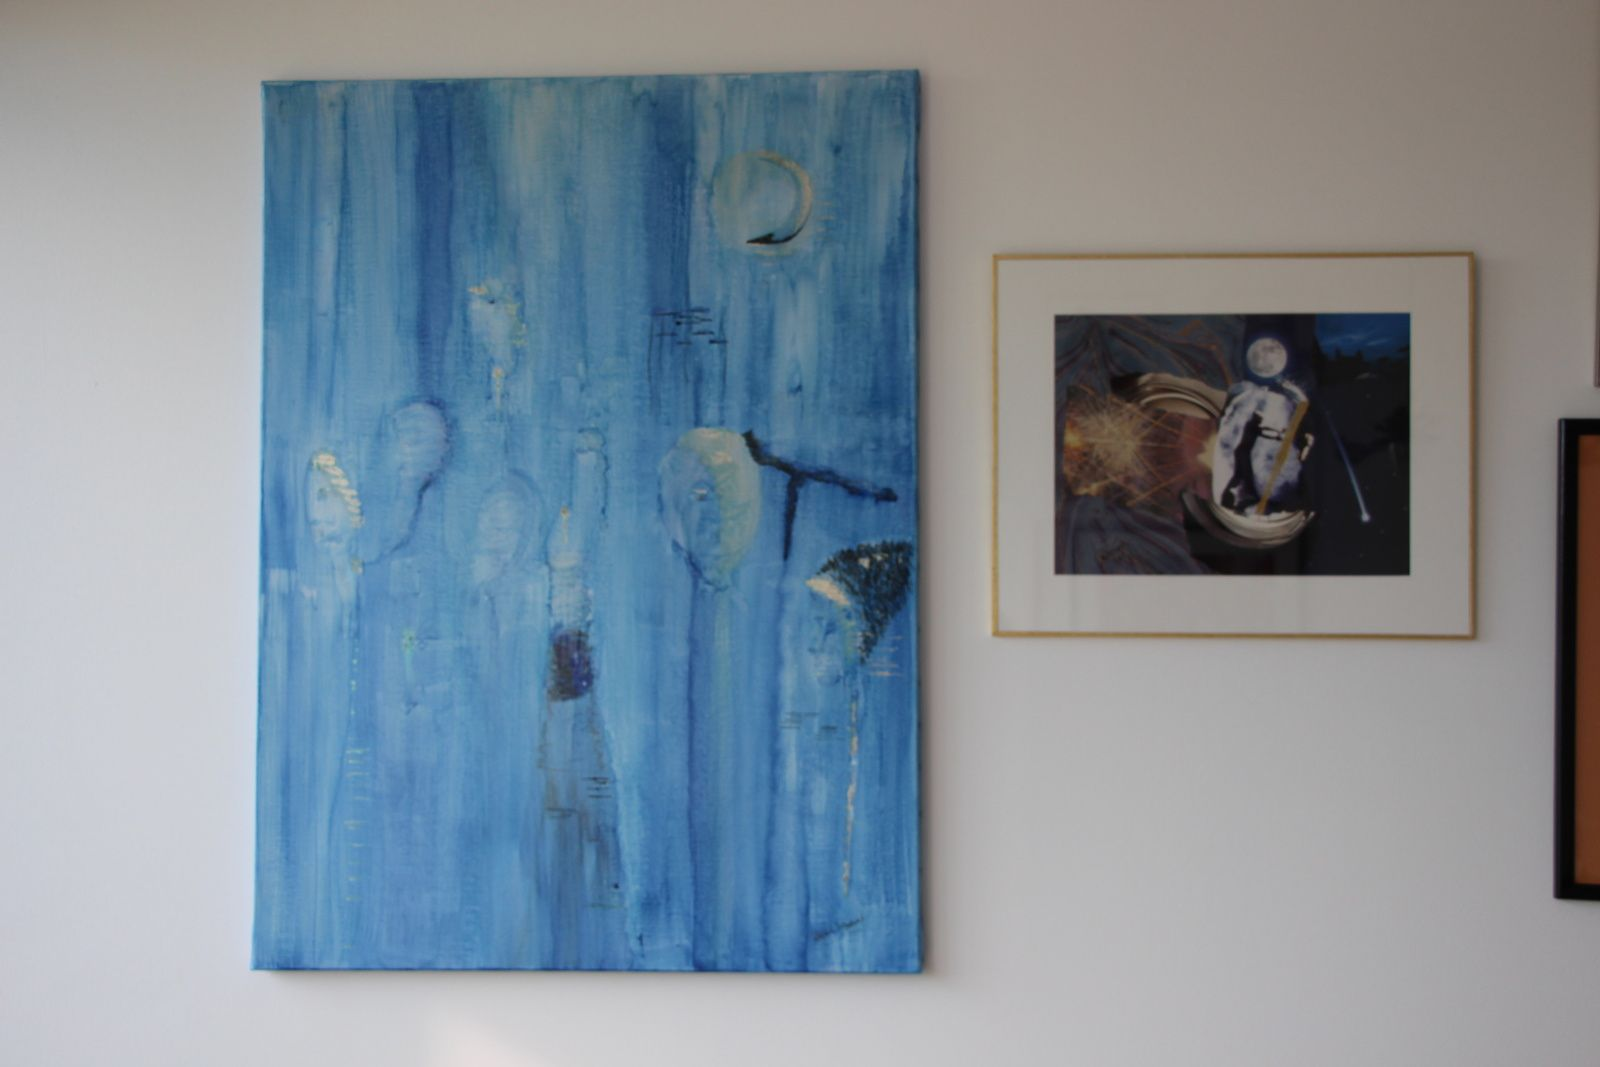 """Les Collages d'eMmA MessanA, encre N°322 """"Regards d'eux"""" et collage N°167 """"Le crépuscule des cieux"""", pièces uniques © eMmA MessanA"""